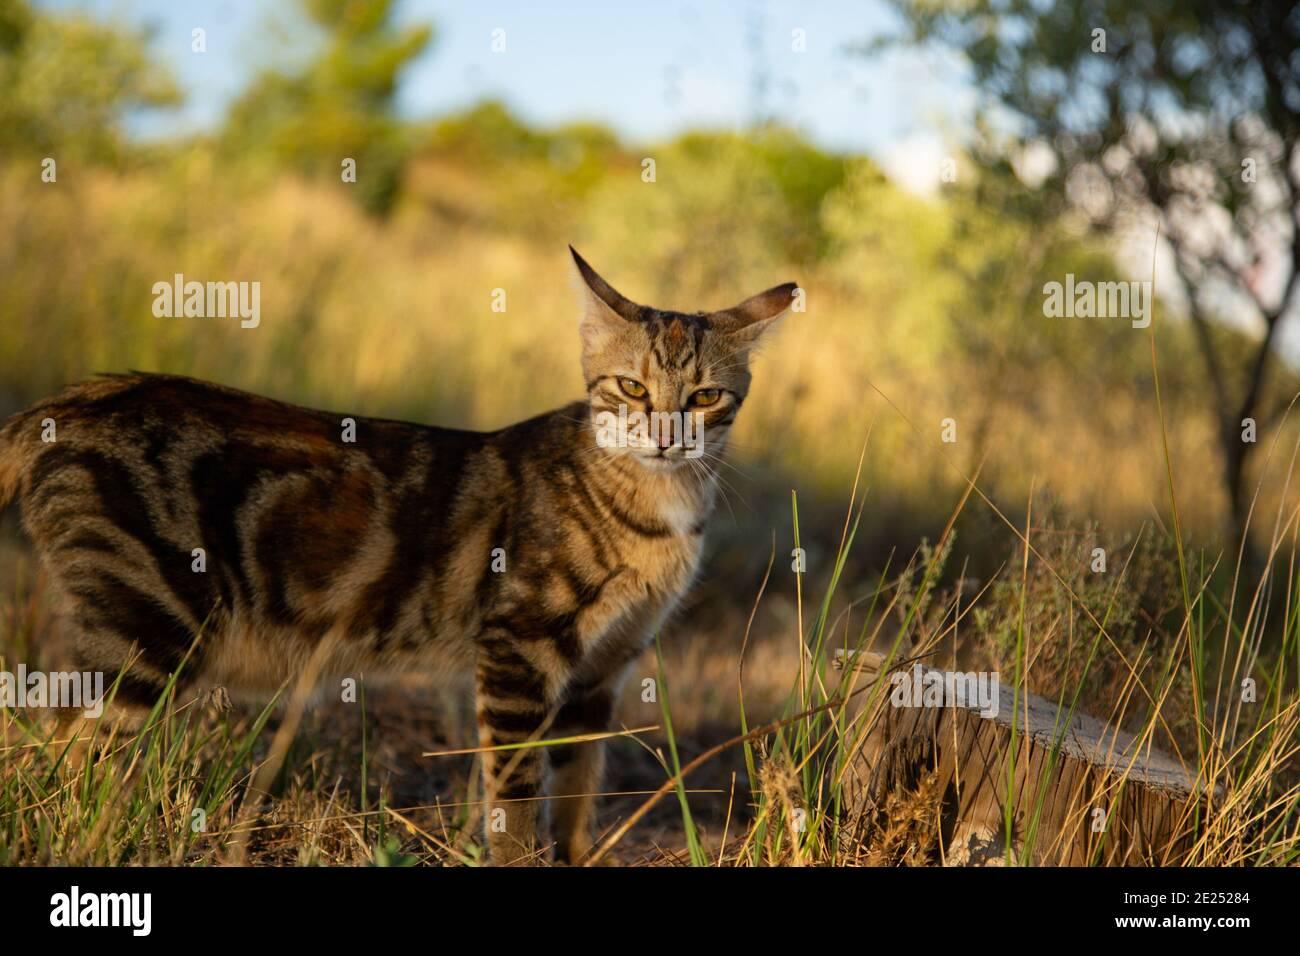 Tabby Cat sur une colline ensoleillée à l'aspect sauvage. Banque D'Images